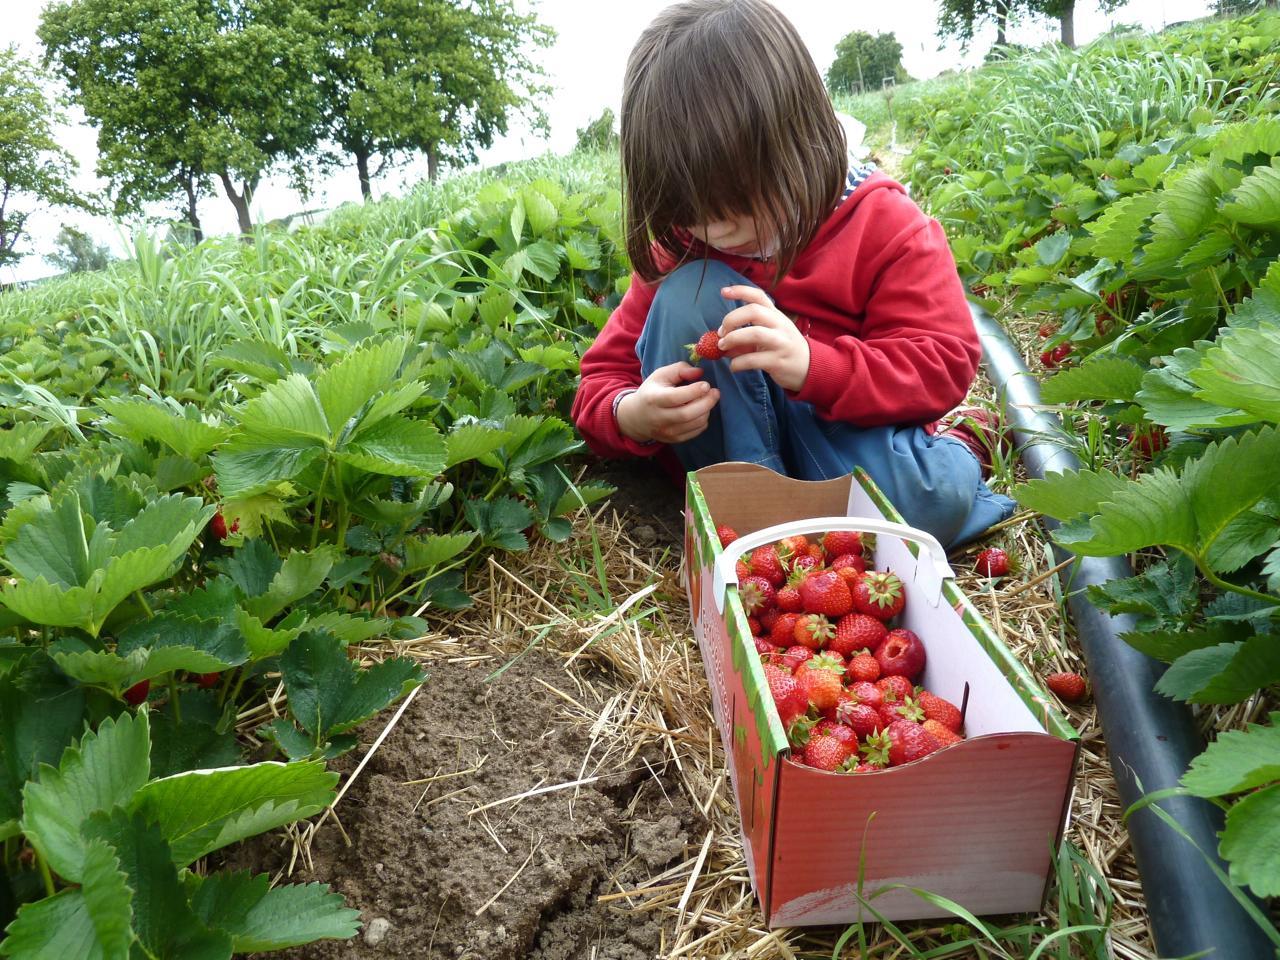 Erdbeeren selber pflücken berliner beerengarten